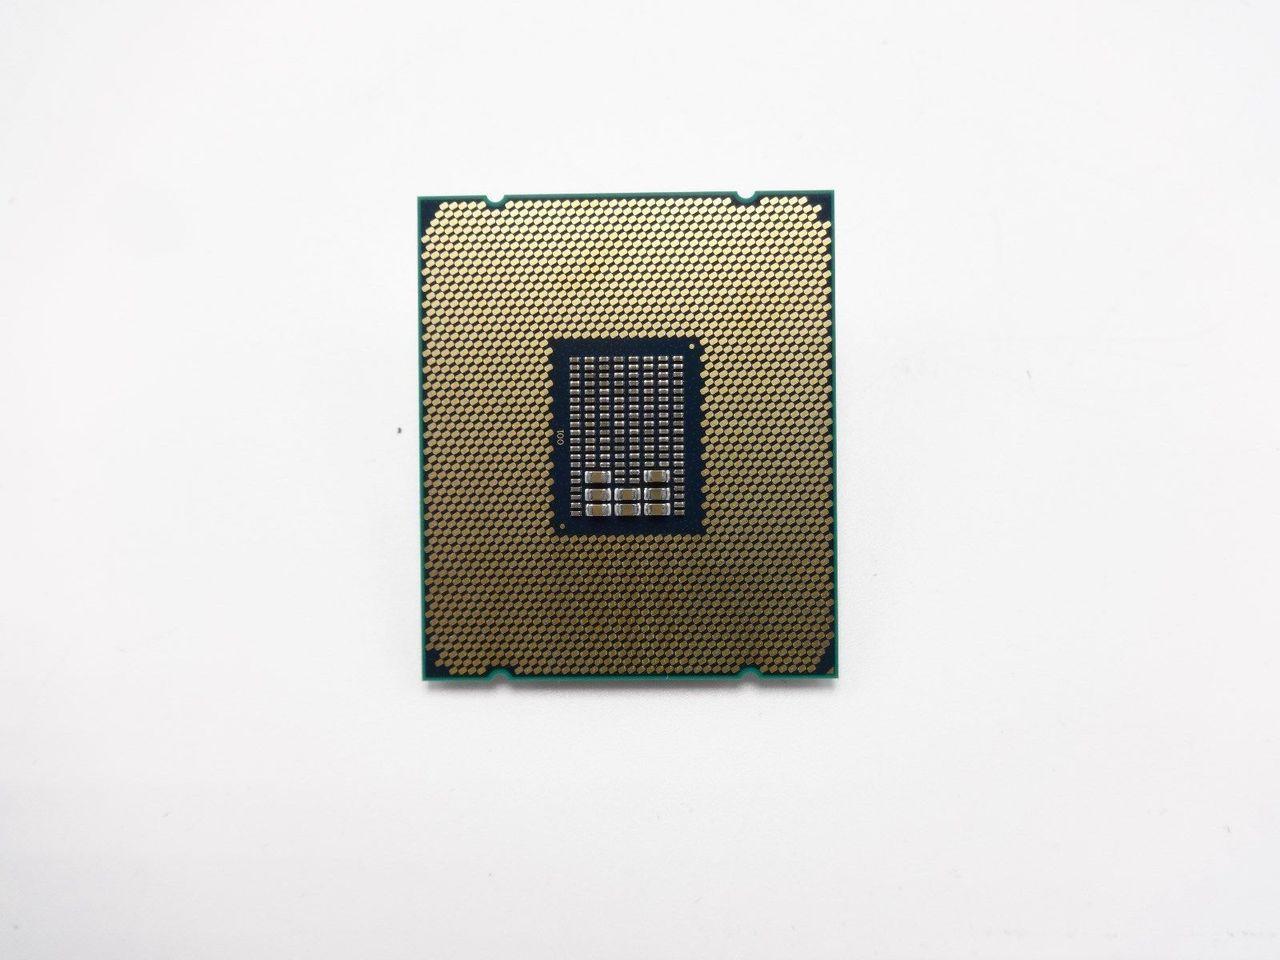 Intel SR2PJ Xeon E5-2623V4 3.2GHz 8core processor